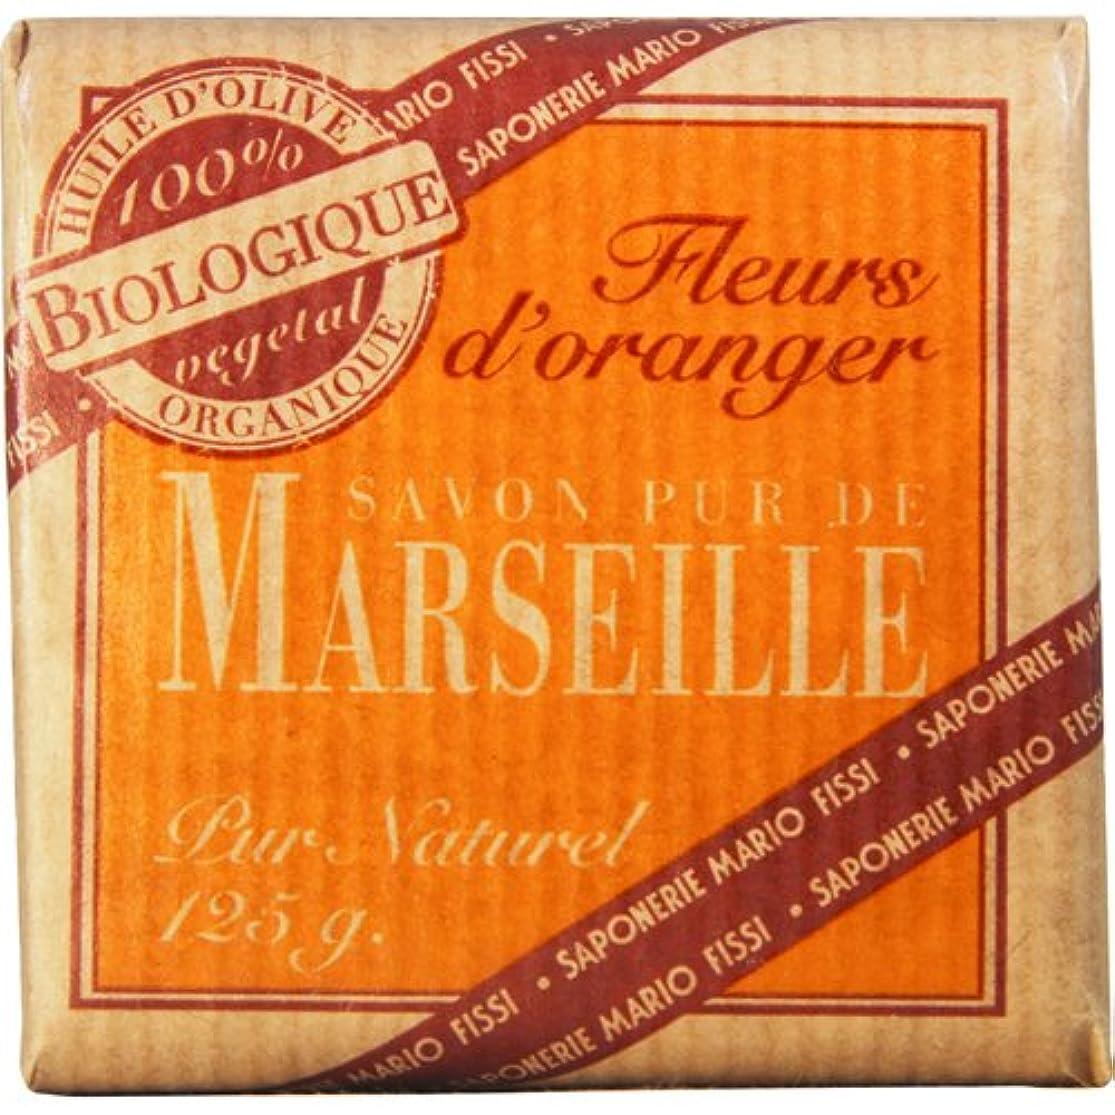 フィードバック測るチャートSaponerire Fissi マルセイユシリーズ マルセイユソープ 125g Orange Flower オレンジフラワー